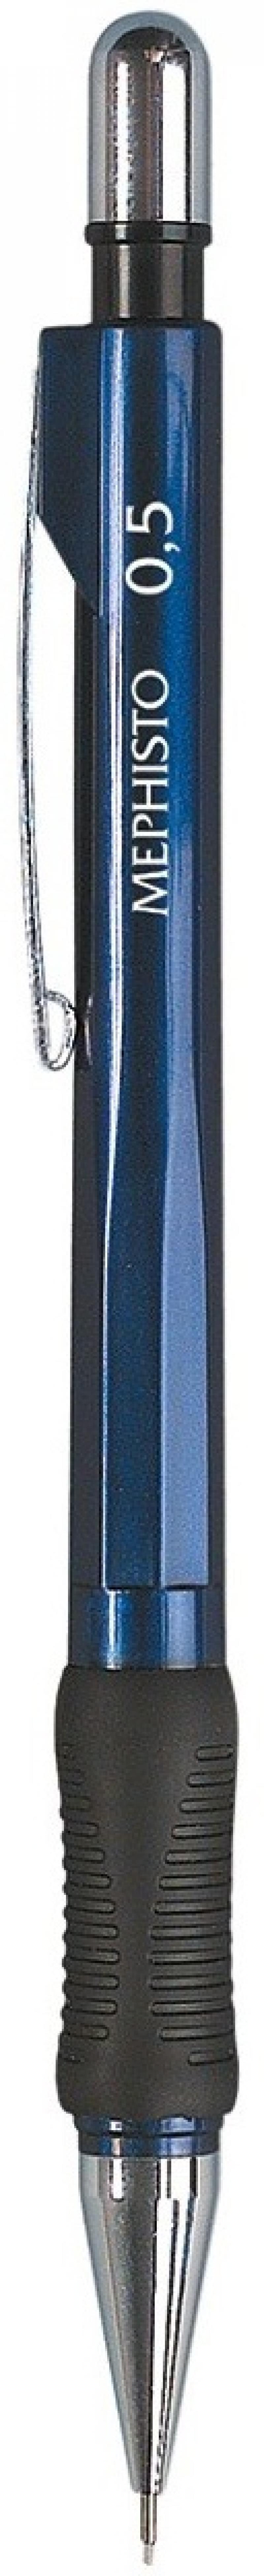 Фото - Карандаш автоматический Koh-i-Noor Mephisto 150 мм с резиновым упором, 0,5 мм mephisto